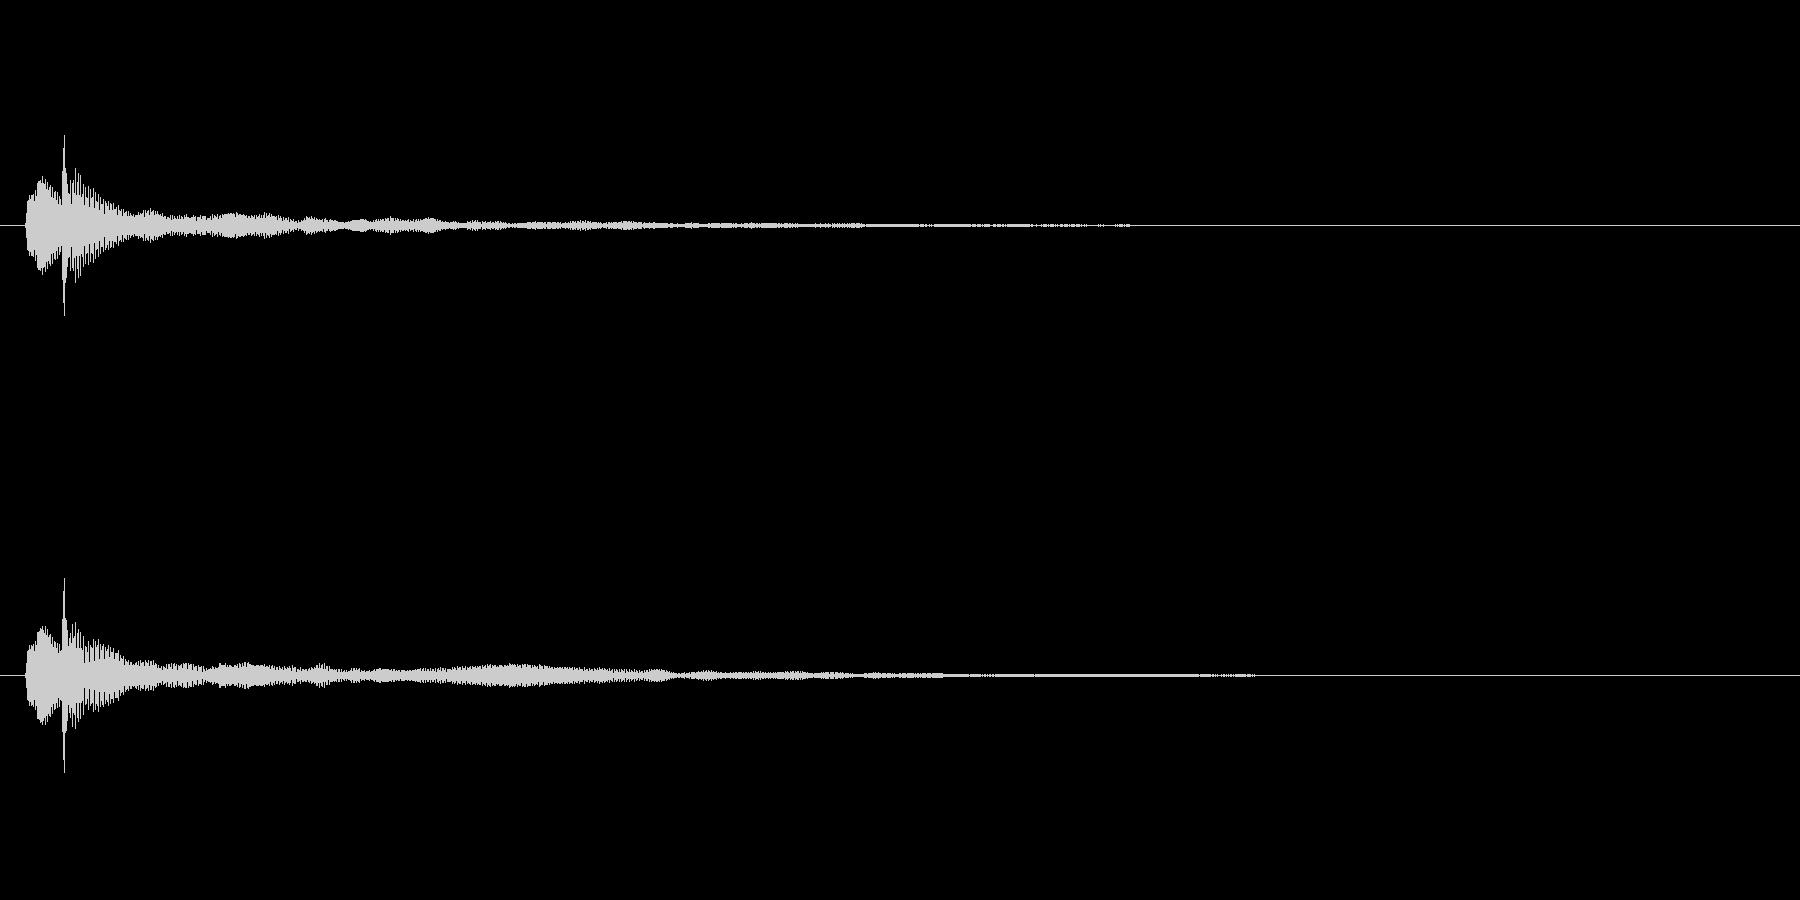 トゥルーン テロップ・決定音・タッチ音の未再生の波形